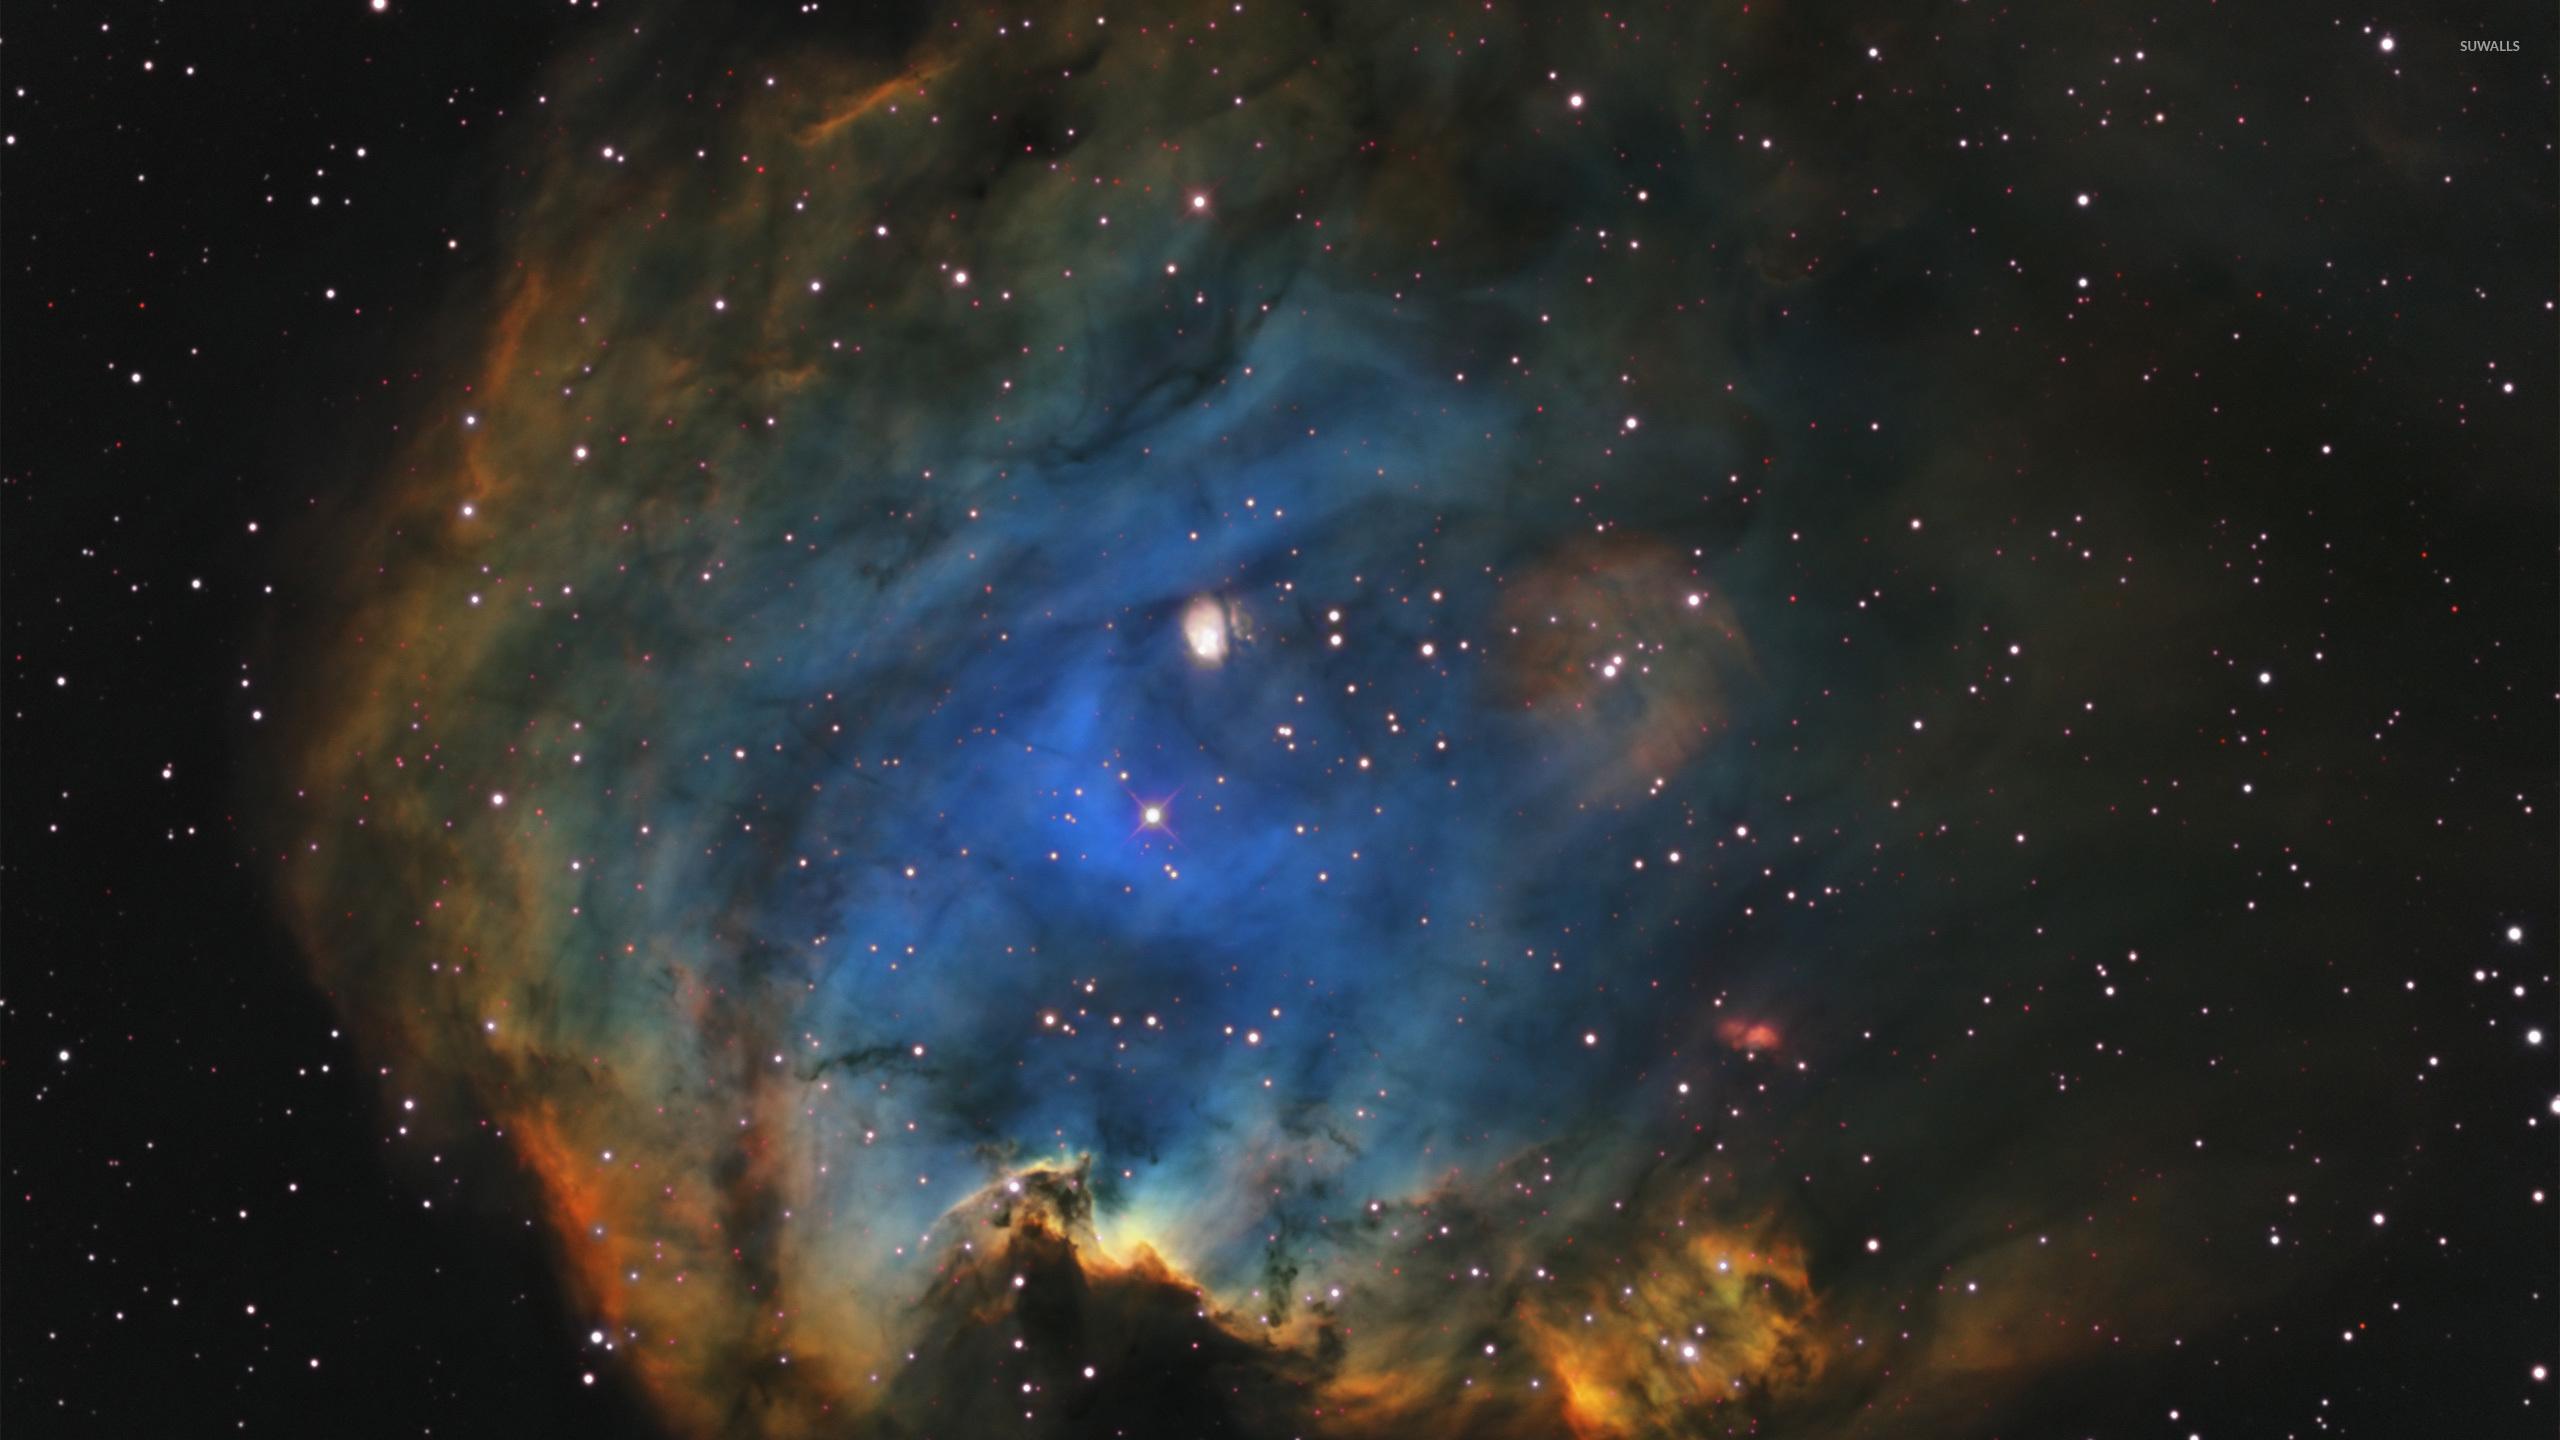 nebula 2560x1440 - photo #9